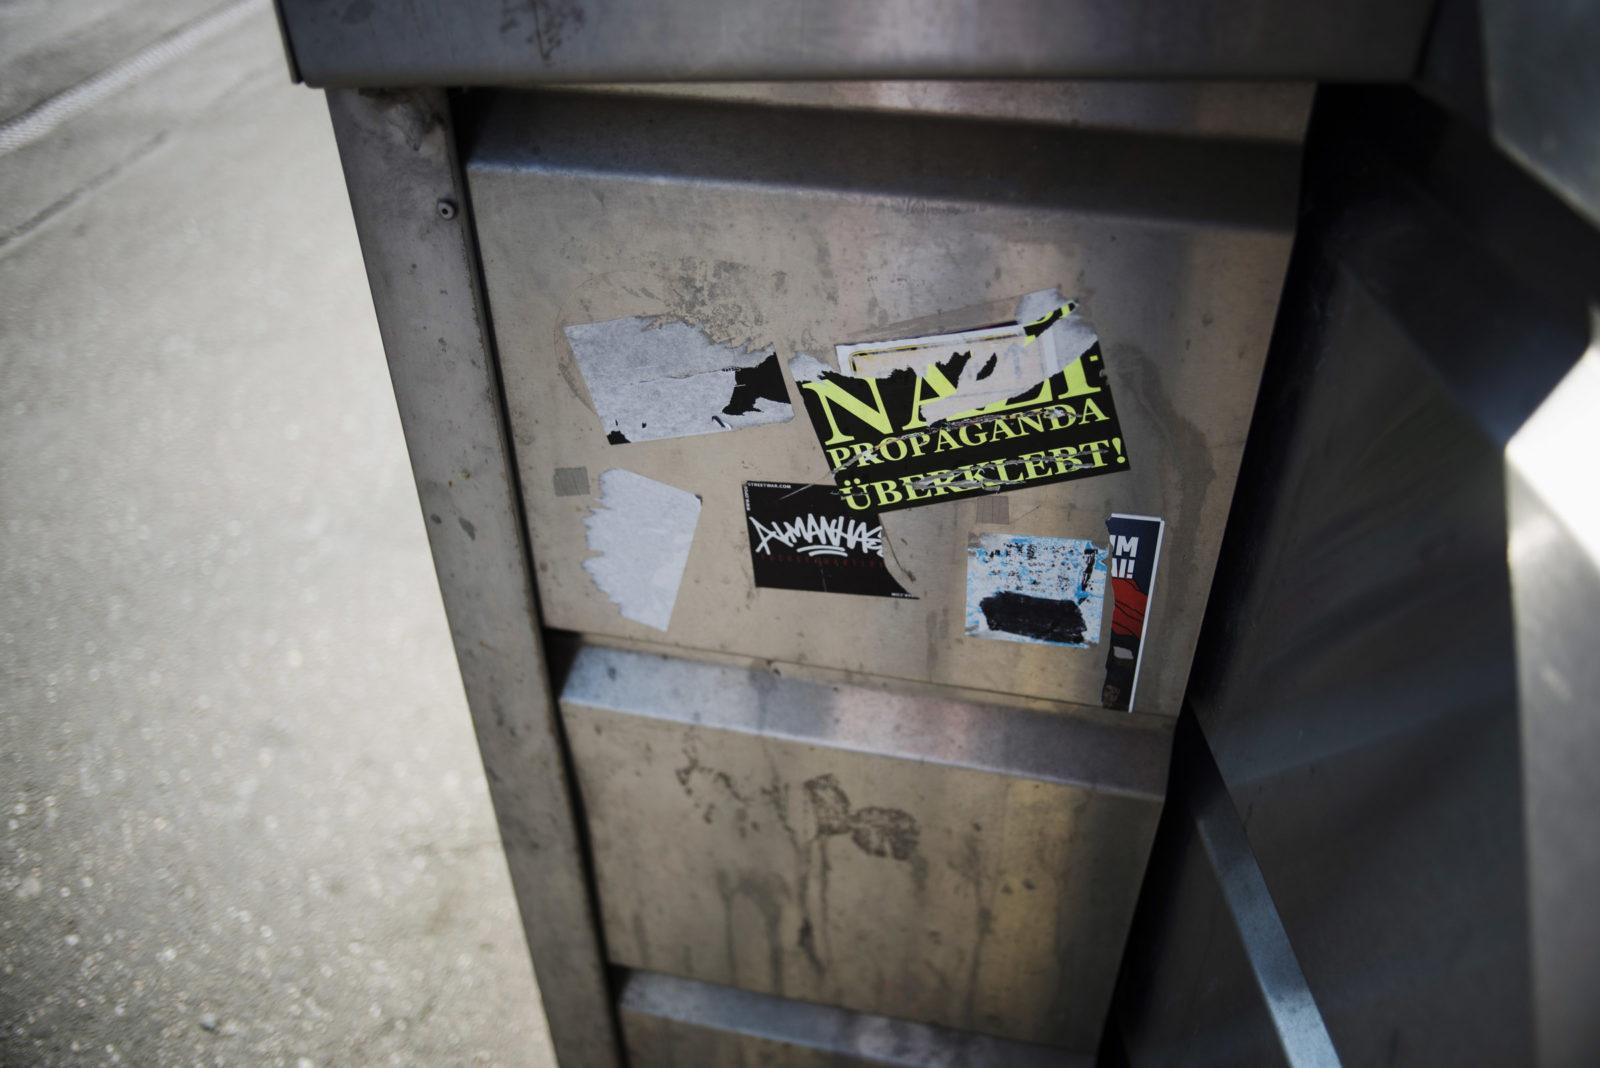 Blogger*innen gegen Rechts | #bloggergegenrechts | Foto: René Zieger